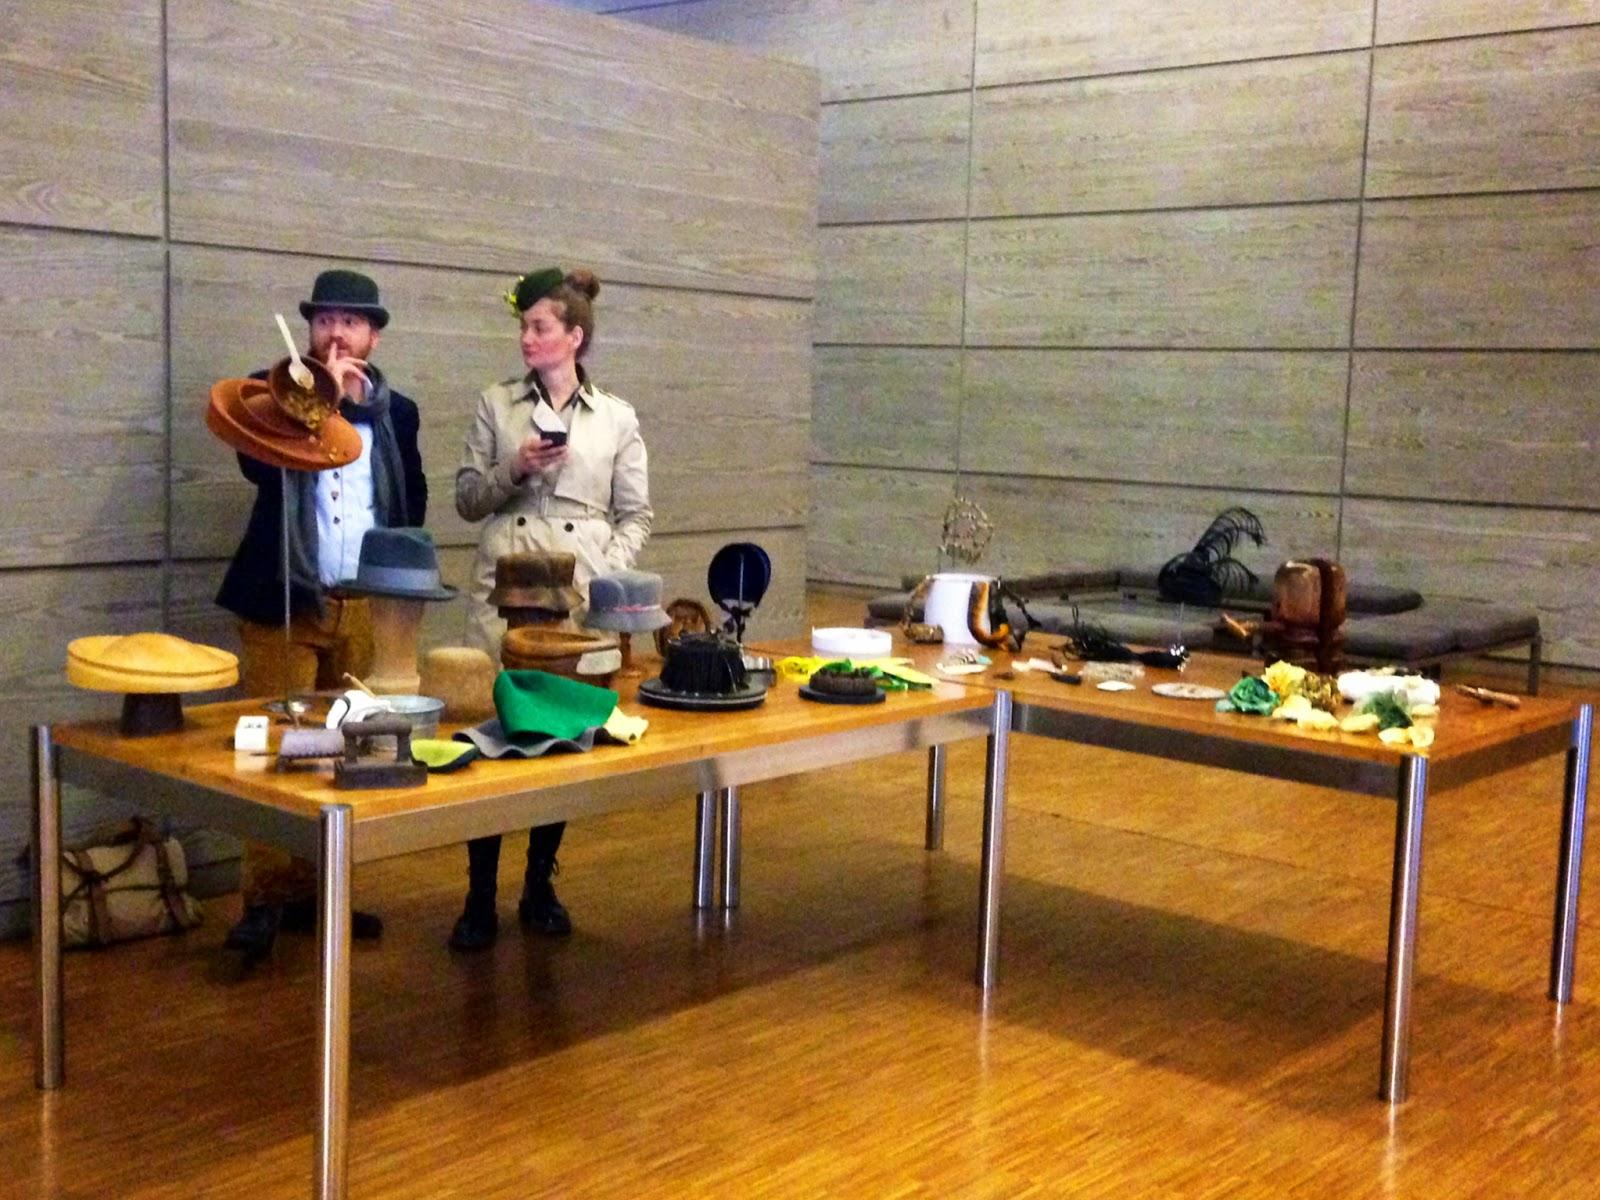 Utensilios empleados para la realización de sombreros a lo largo de la historia